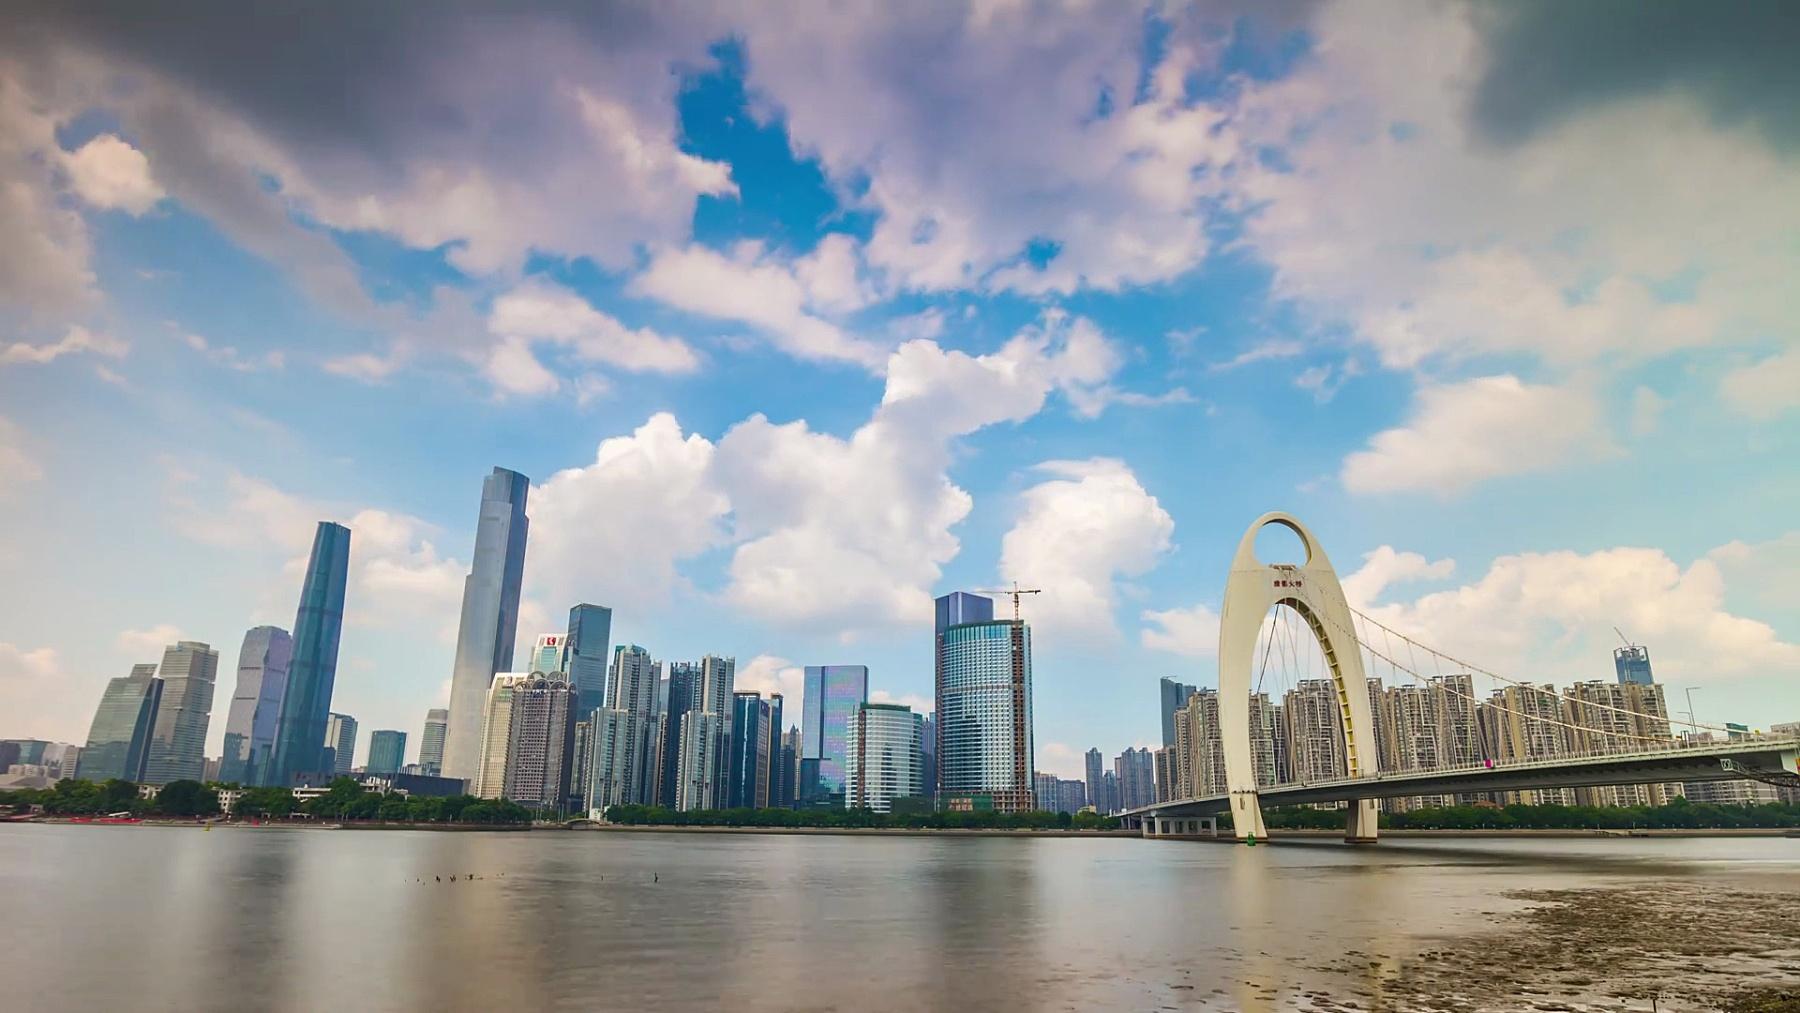 阳光明媚的广州市中心著名的江桥全景 时移中国